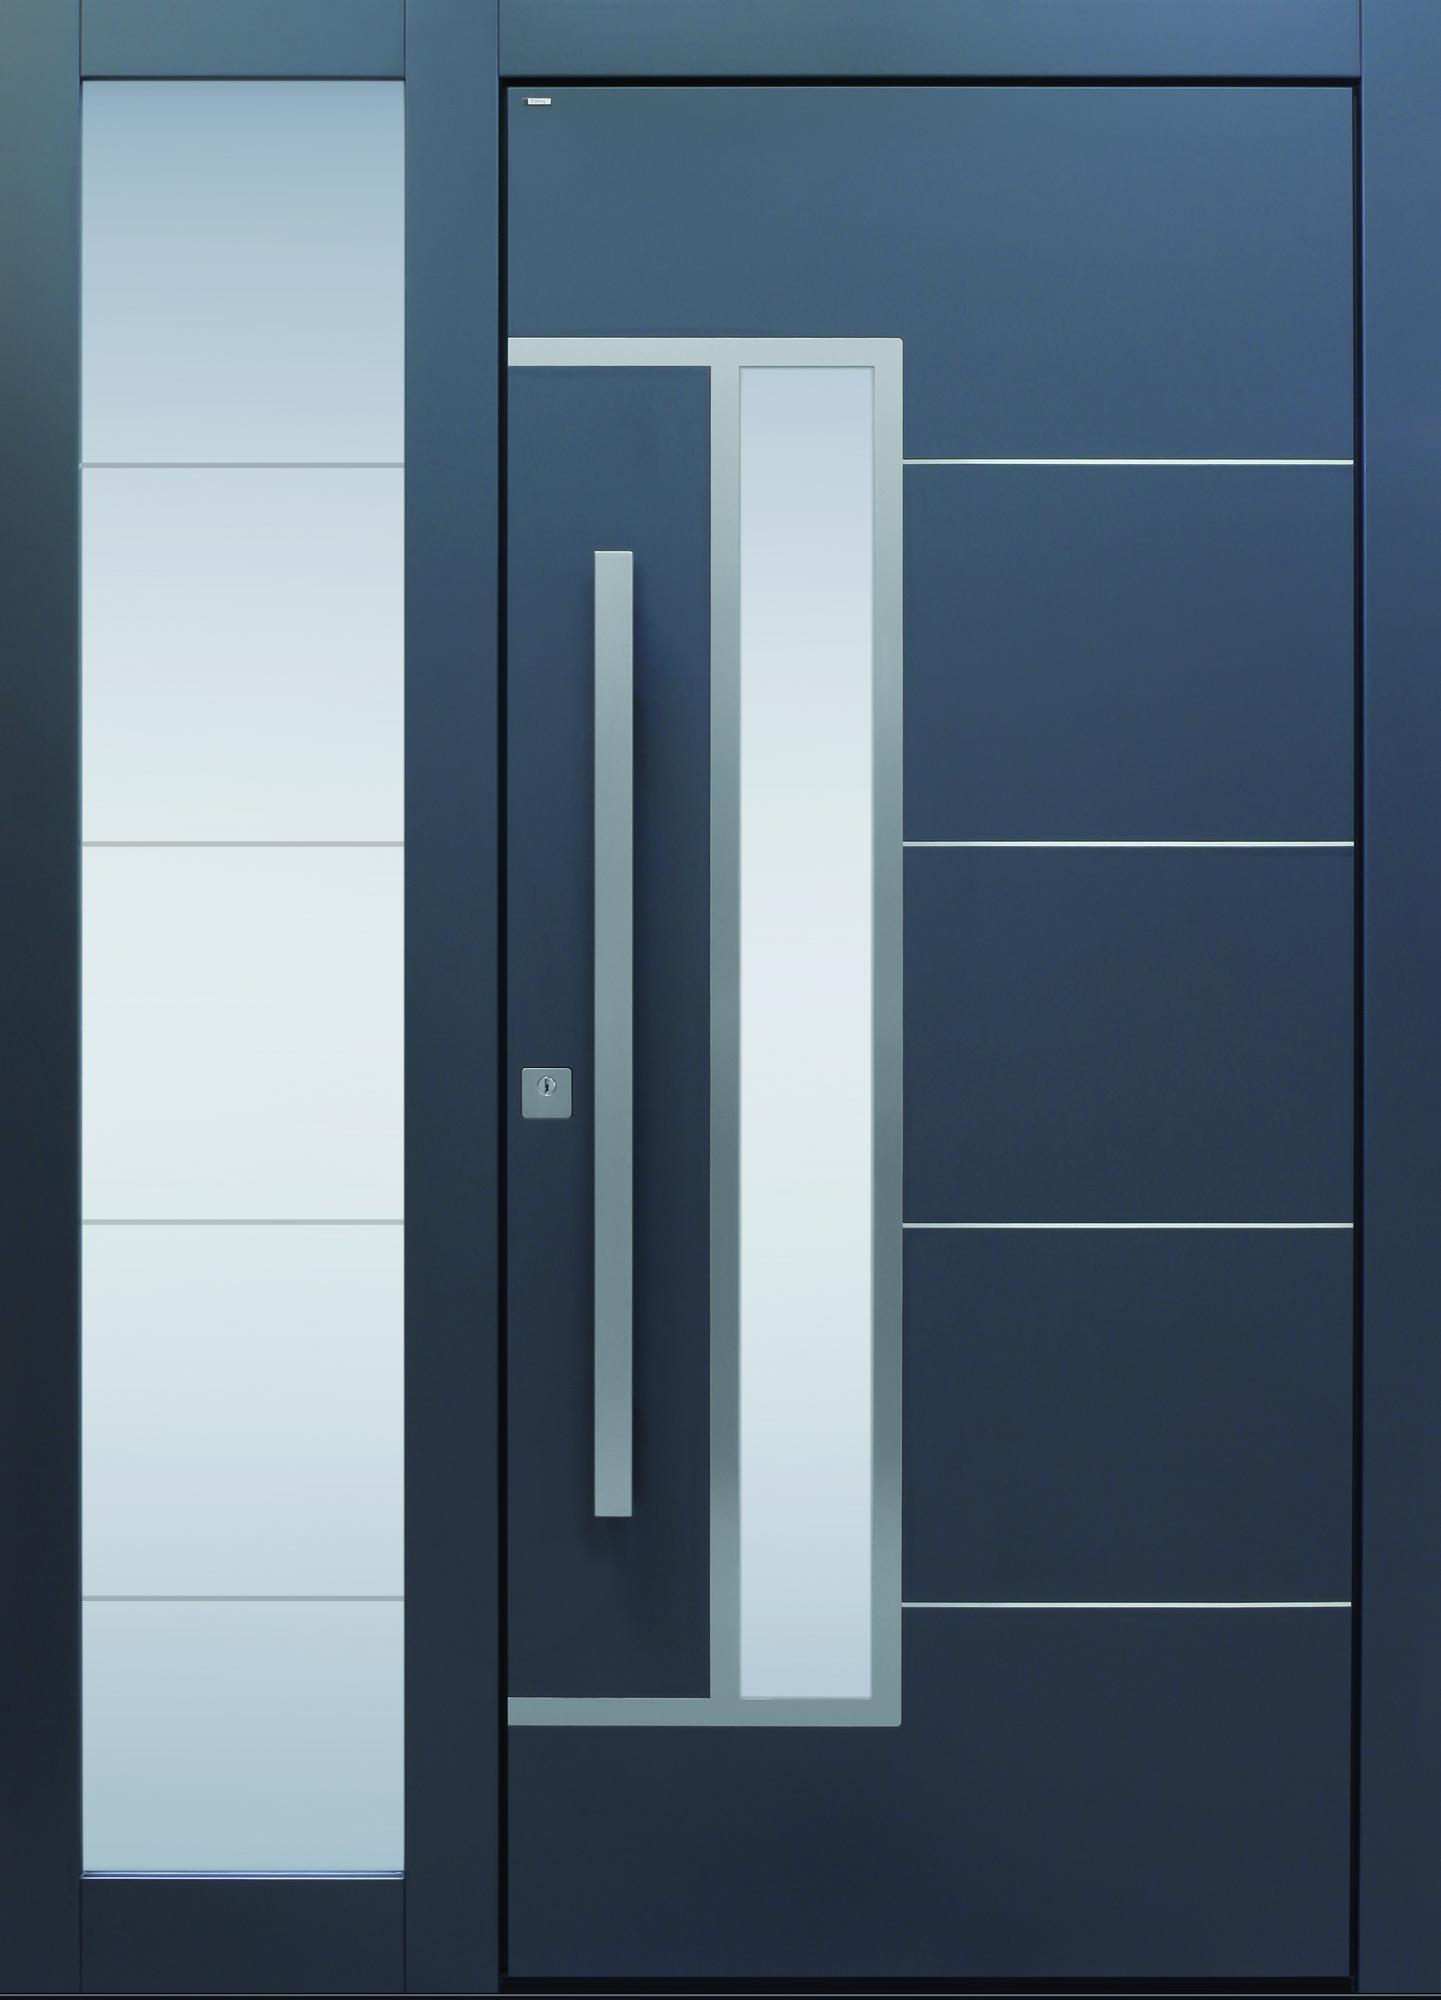 Haustüren mit seitenteil anthrazit  TOPIC - Haustüren von Meisterhand TOPIC Haustüren u. Wohnungstüren ...